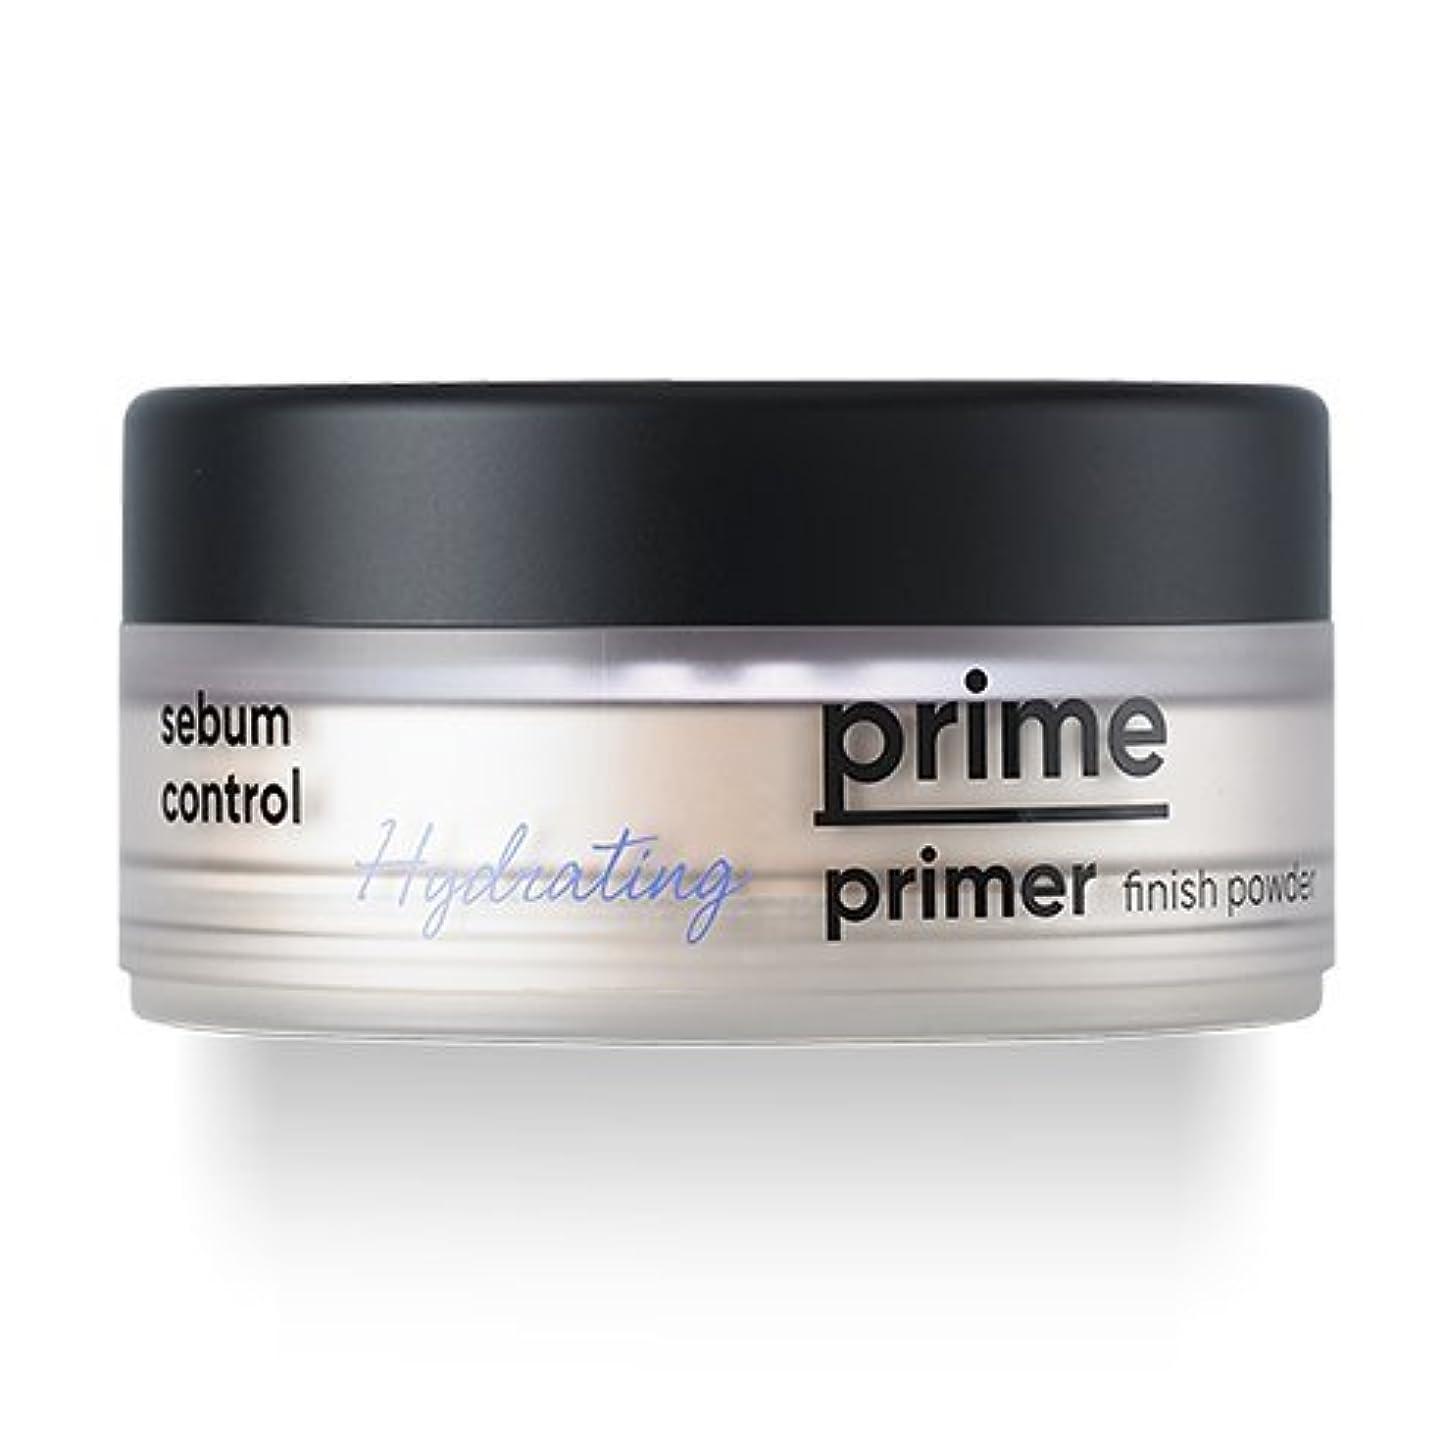 スカルクバッジ聖人BANILA CO Prime Primer Hydrating Powder 12g/バニラコ プライム プライマー ハイドレーティング パウダー 12g [並行輸入品]